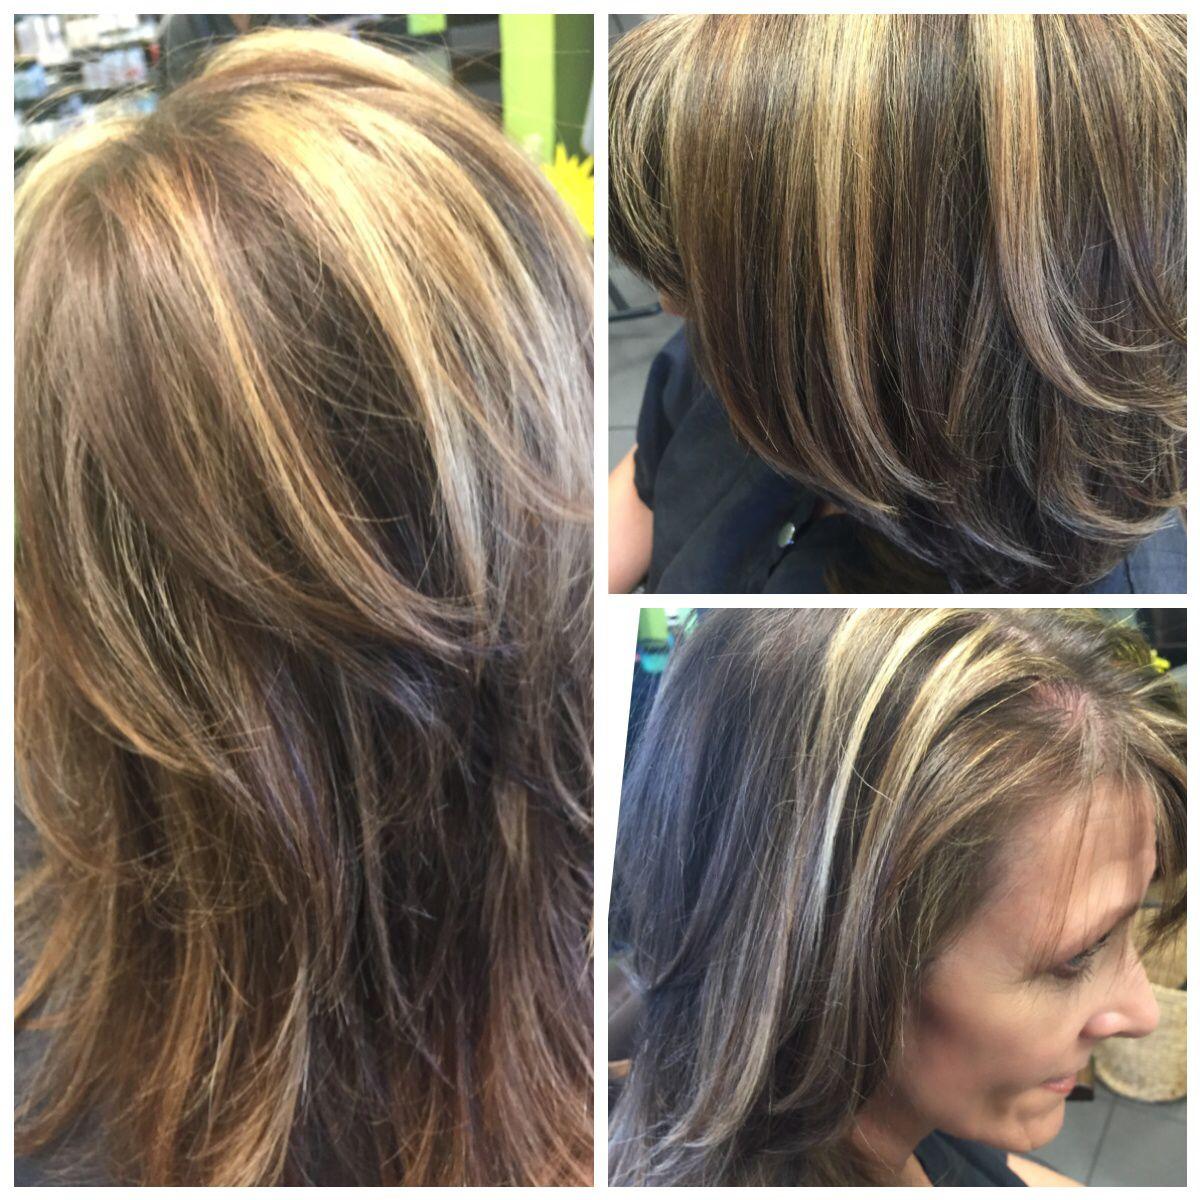 Hair By Nikki Hair Highlight Haircolor Haircut Beauty Hairsalon Hairstylist Tangledupsalonvb Vabeach 757 Beach Hair Hair Salon Hair